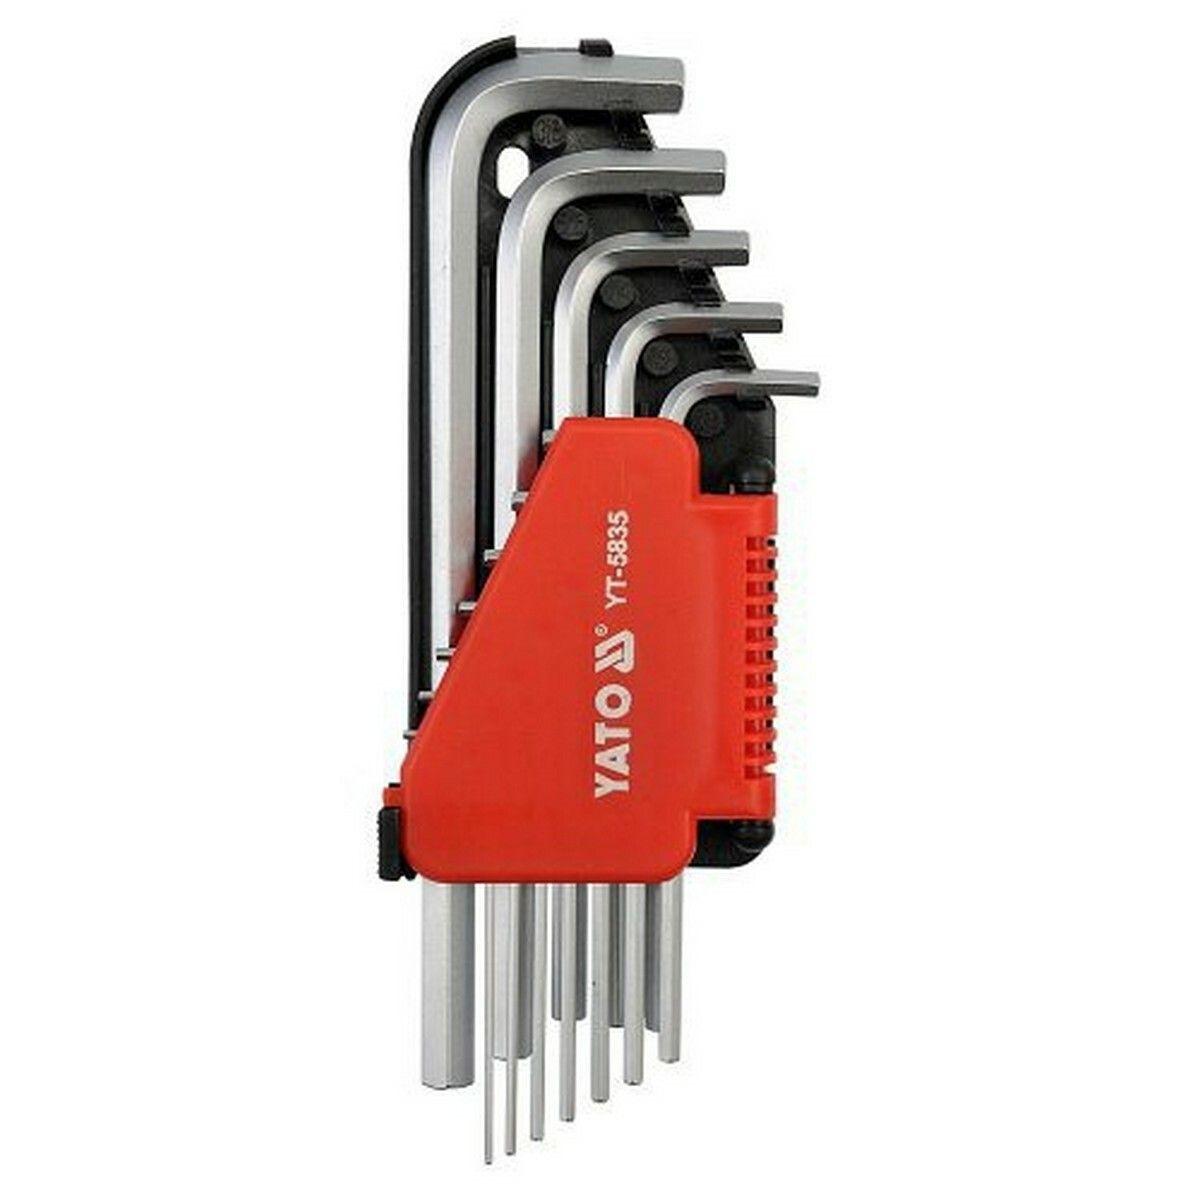 Sada klíčů imbus 12 ks delší